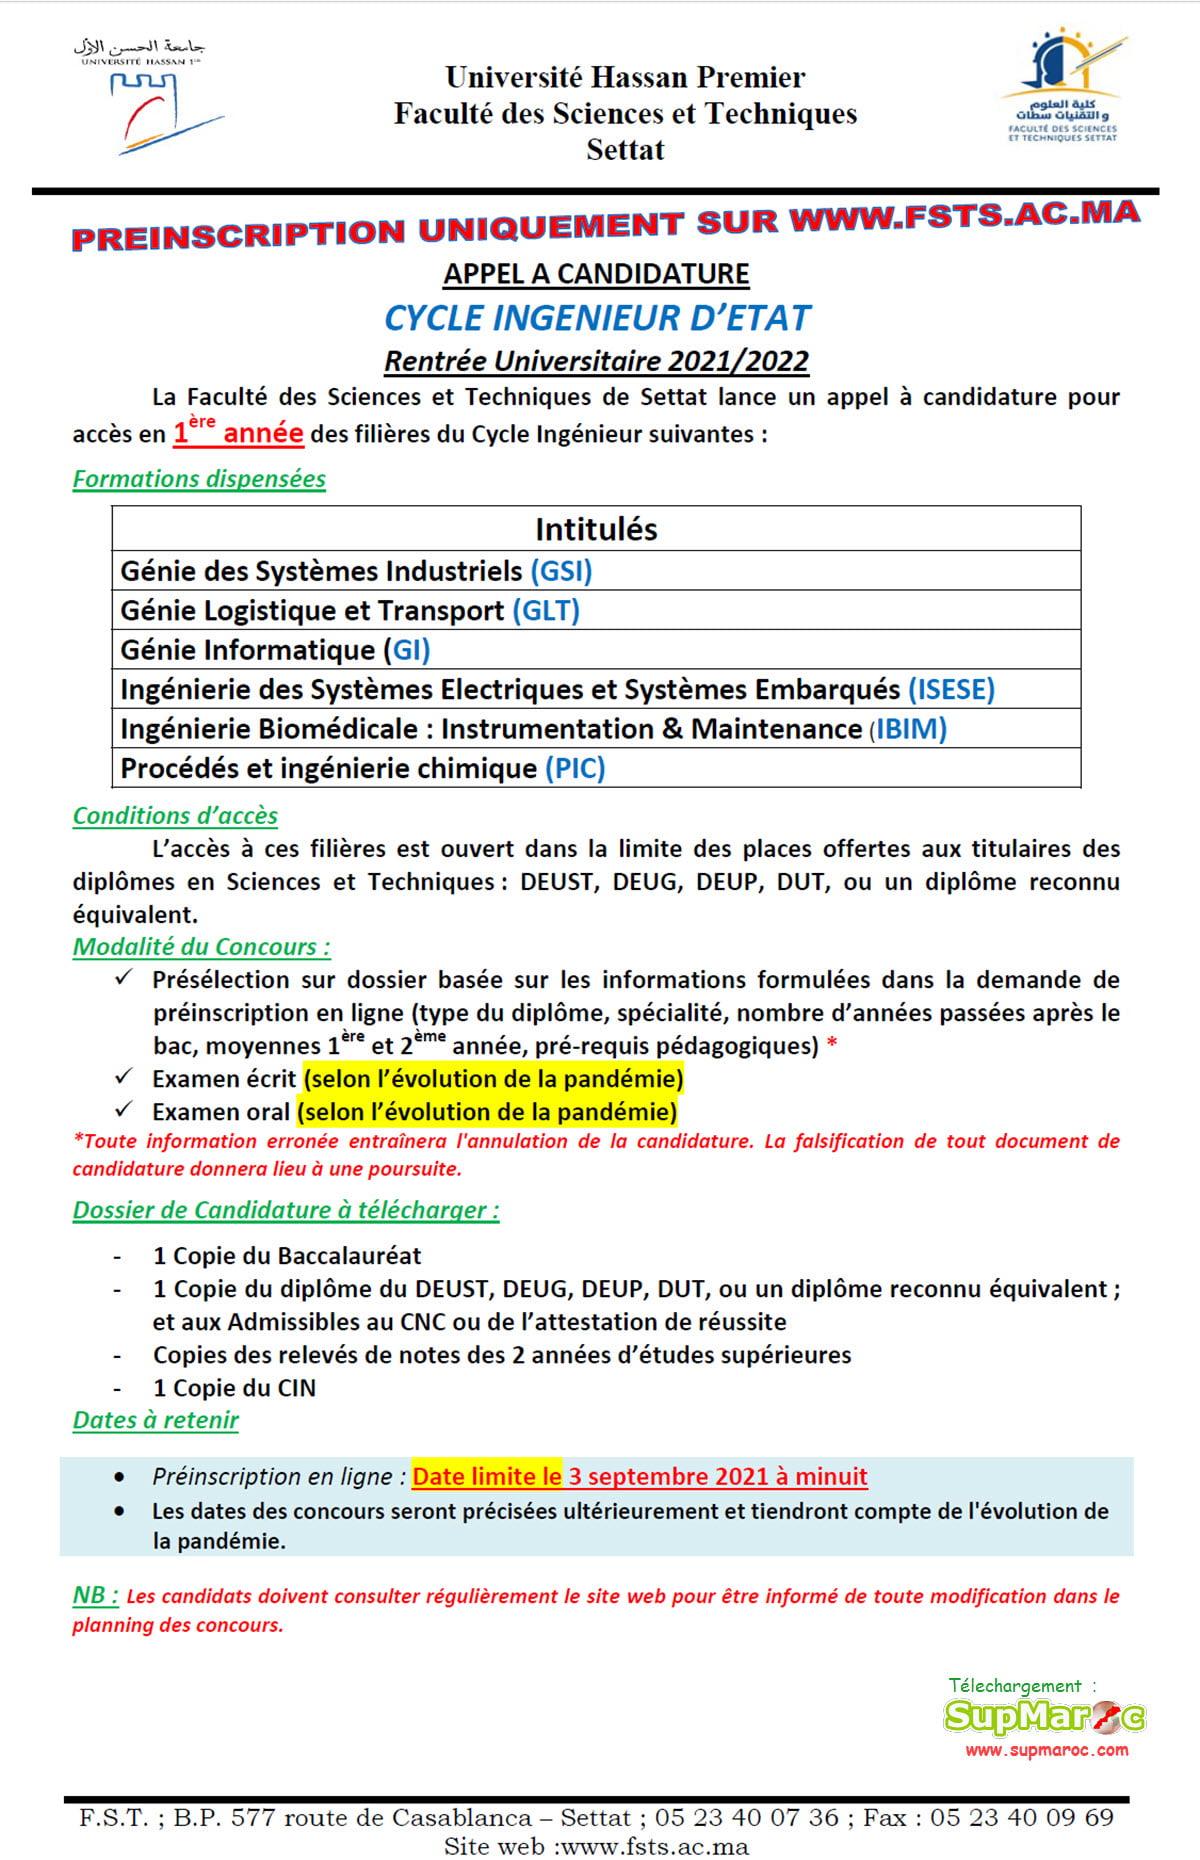 FST Settat concours 1 année 1ere C. ingénieur 2021 2022